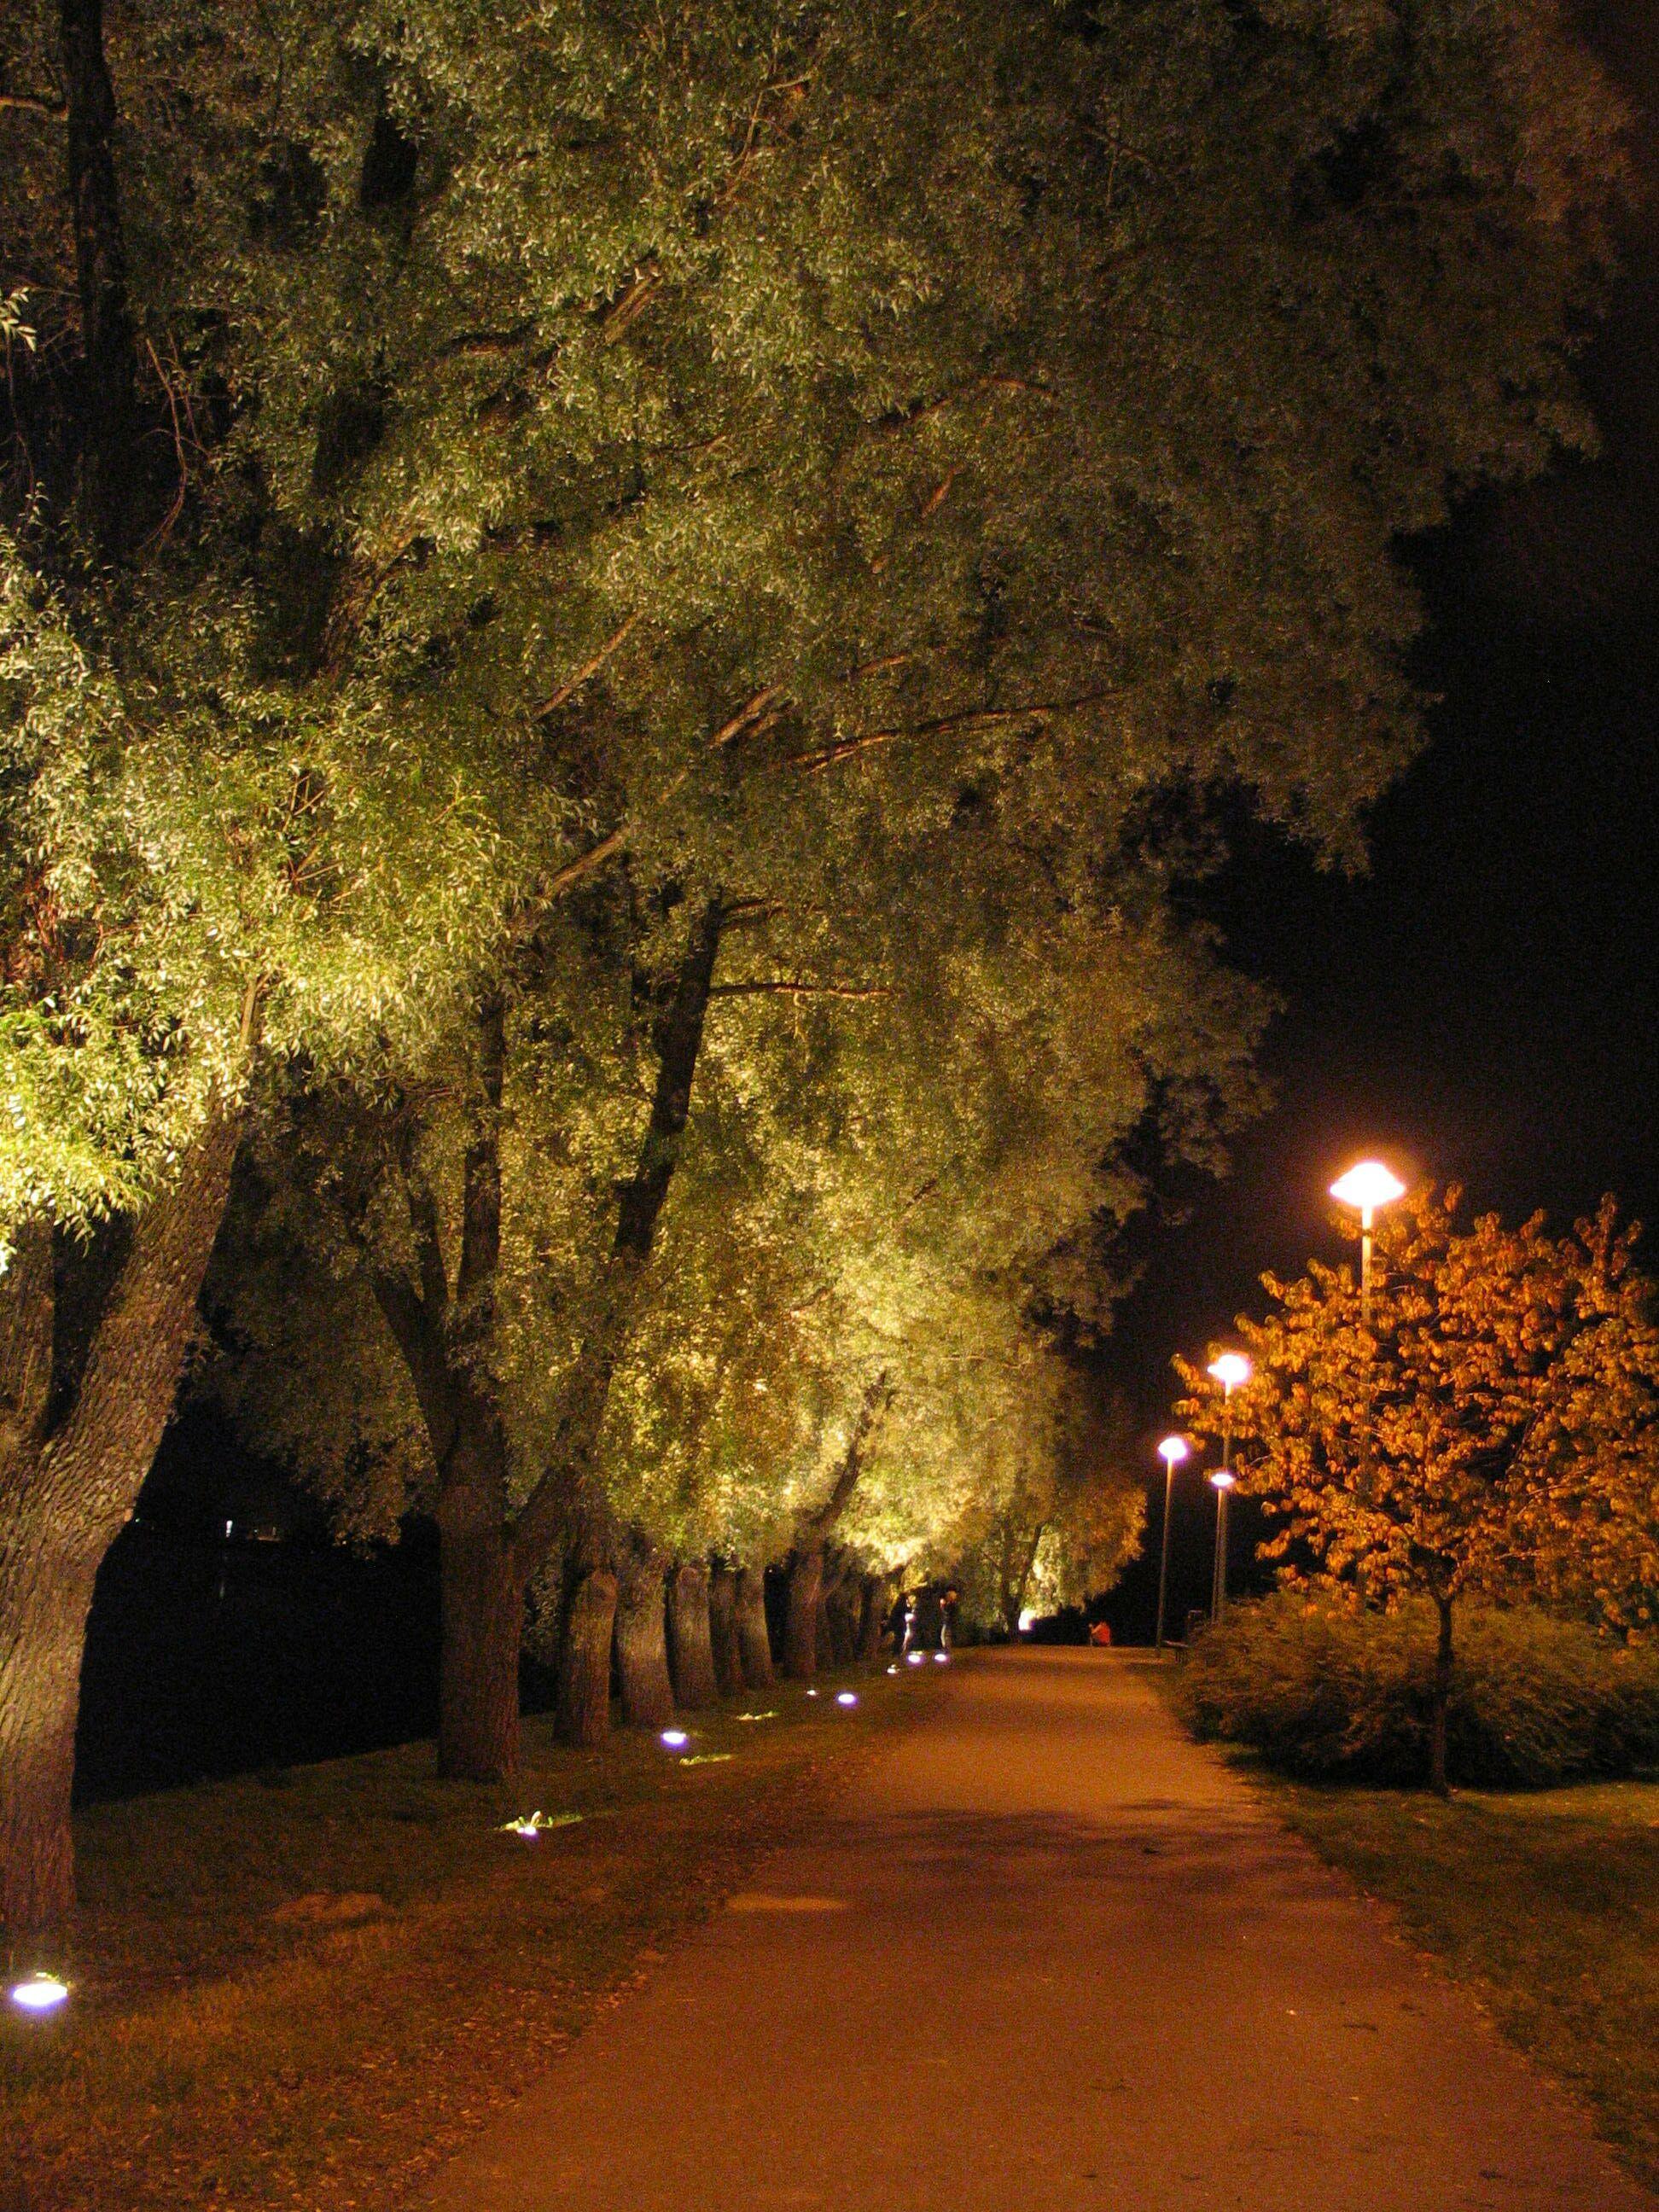 Premium Quality LED Lights gel-usa.com & Premium Quality LED Lights: gel-usa.com | Outdoor Lighting ... azcodes.com